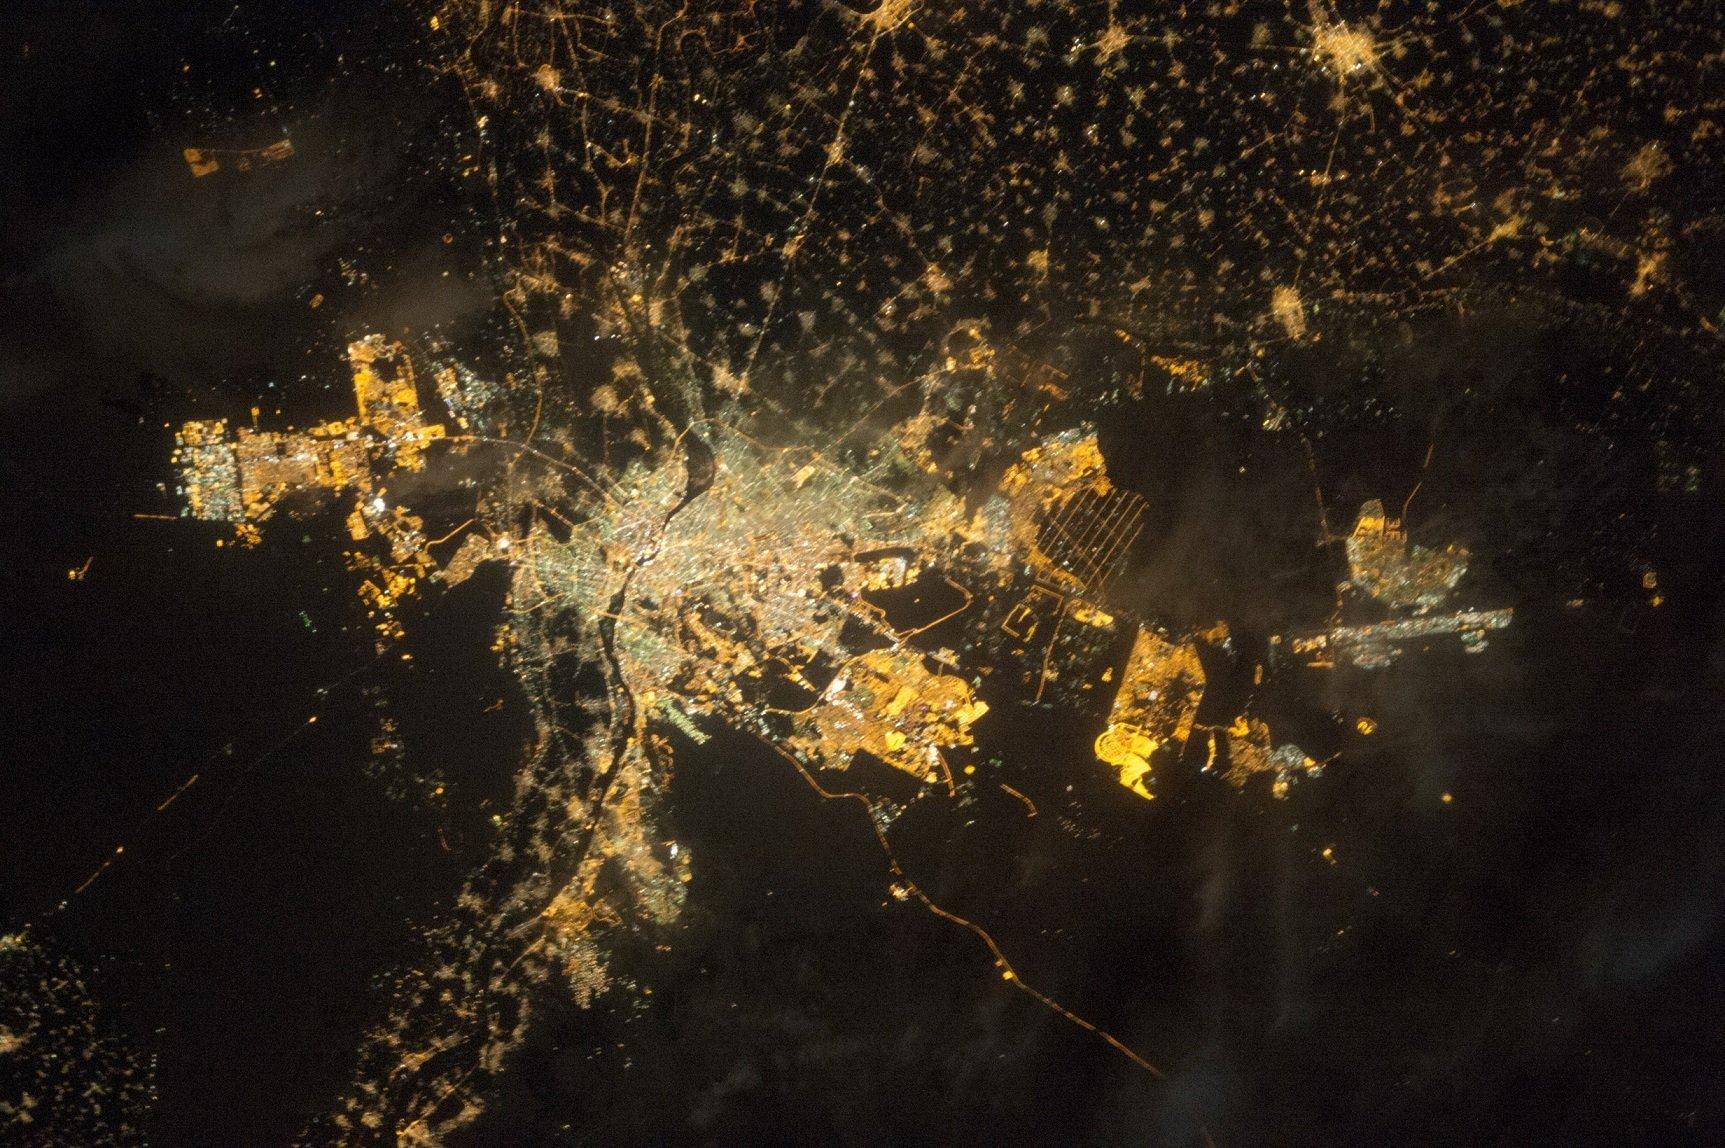 Футбол на карантине: ночной Каир, двойник Аллегри и гол Фернандиньо (Фото, Видео) - изображение 5